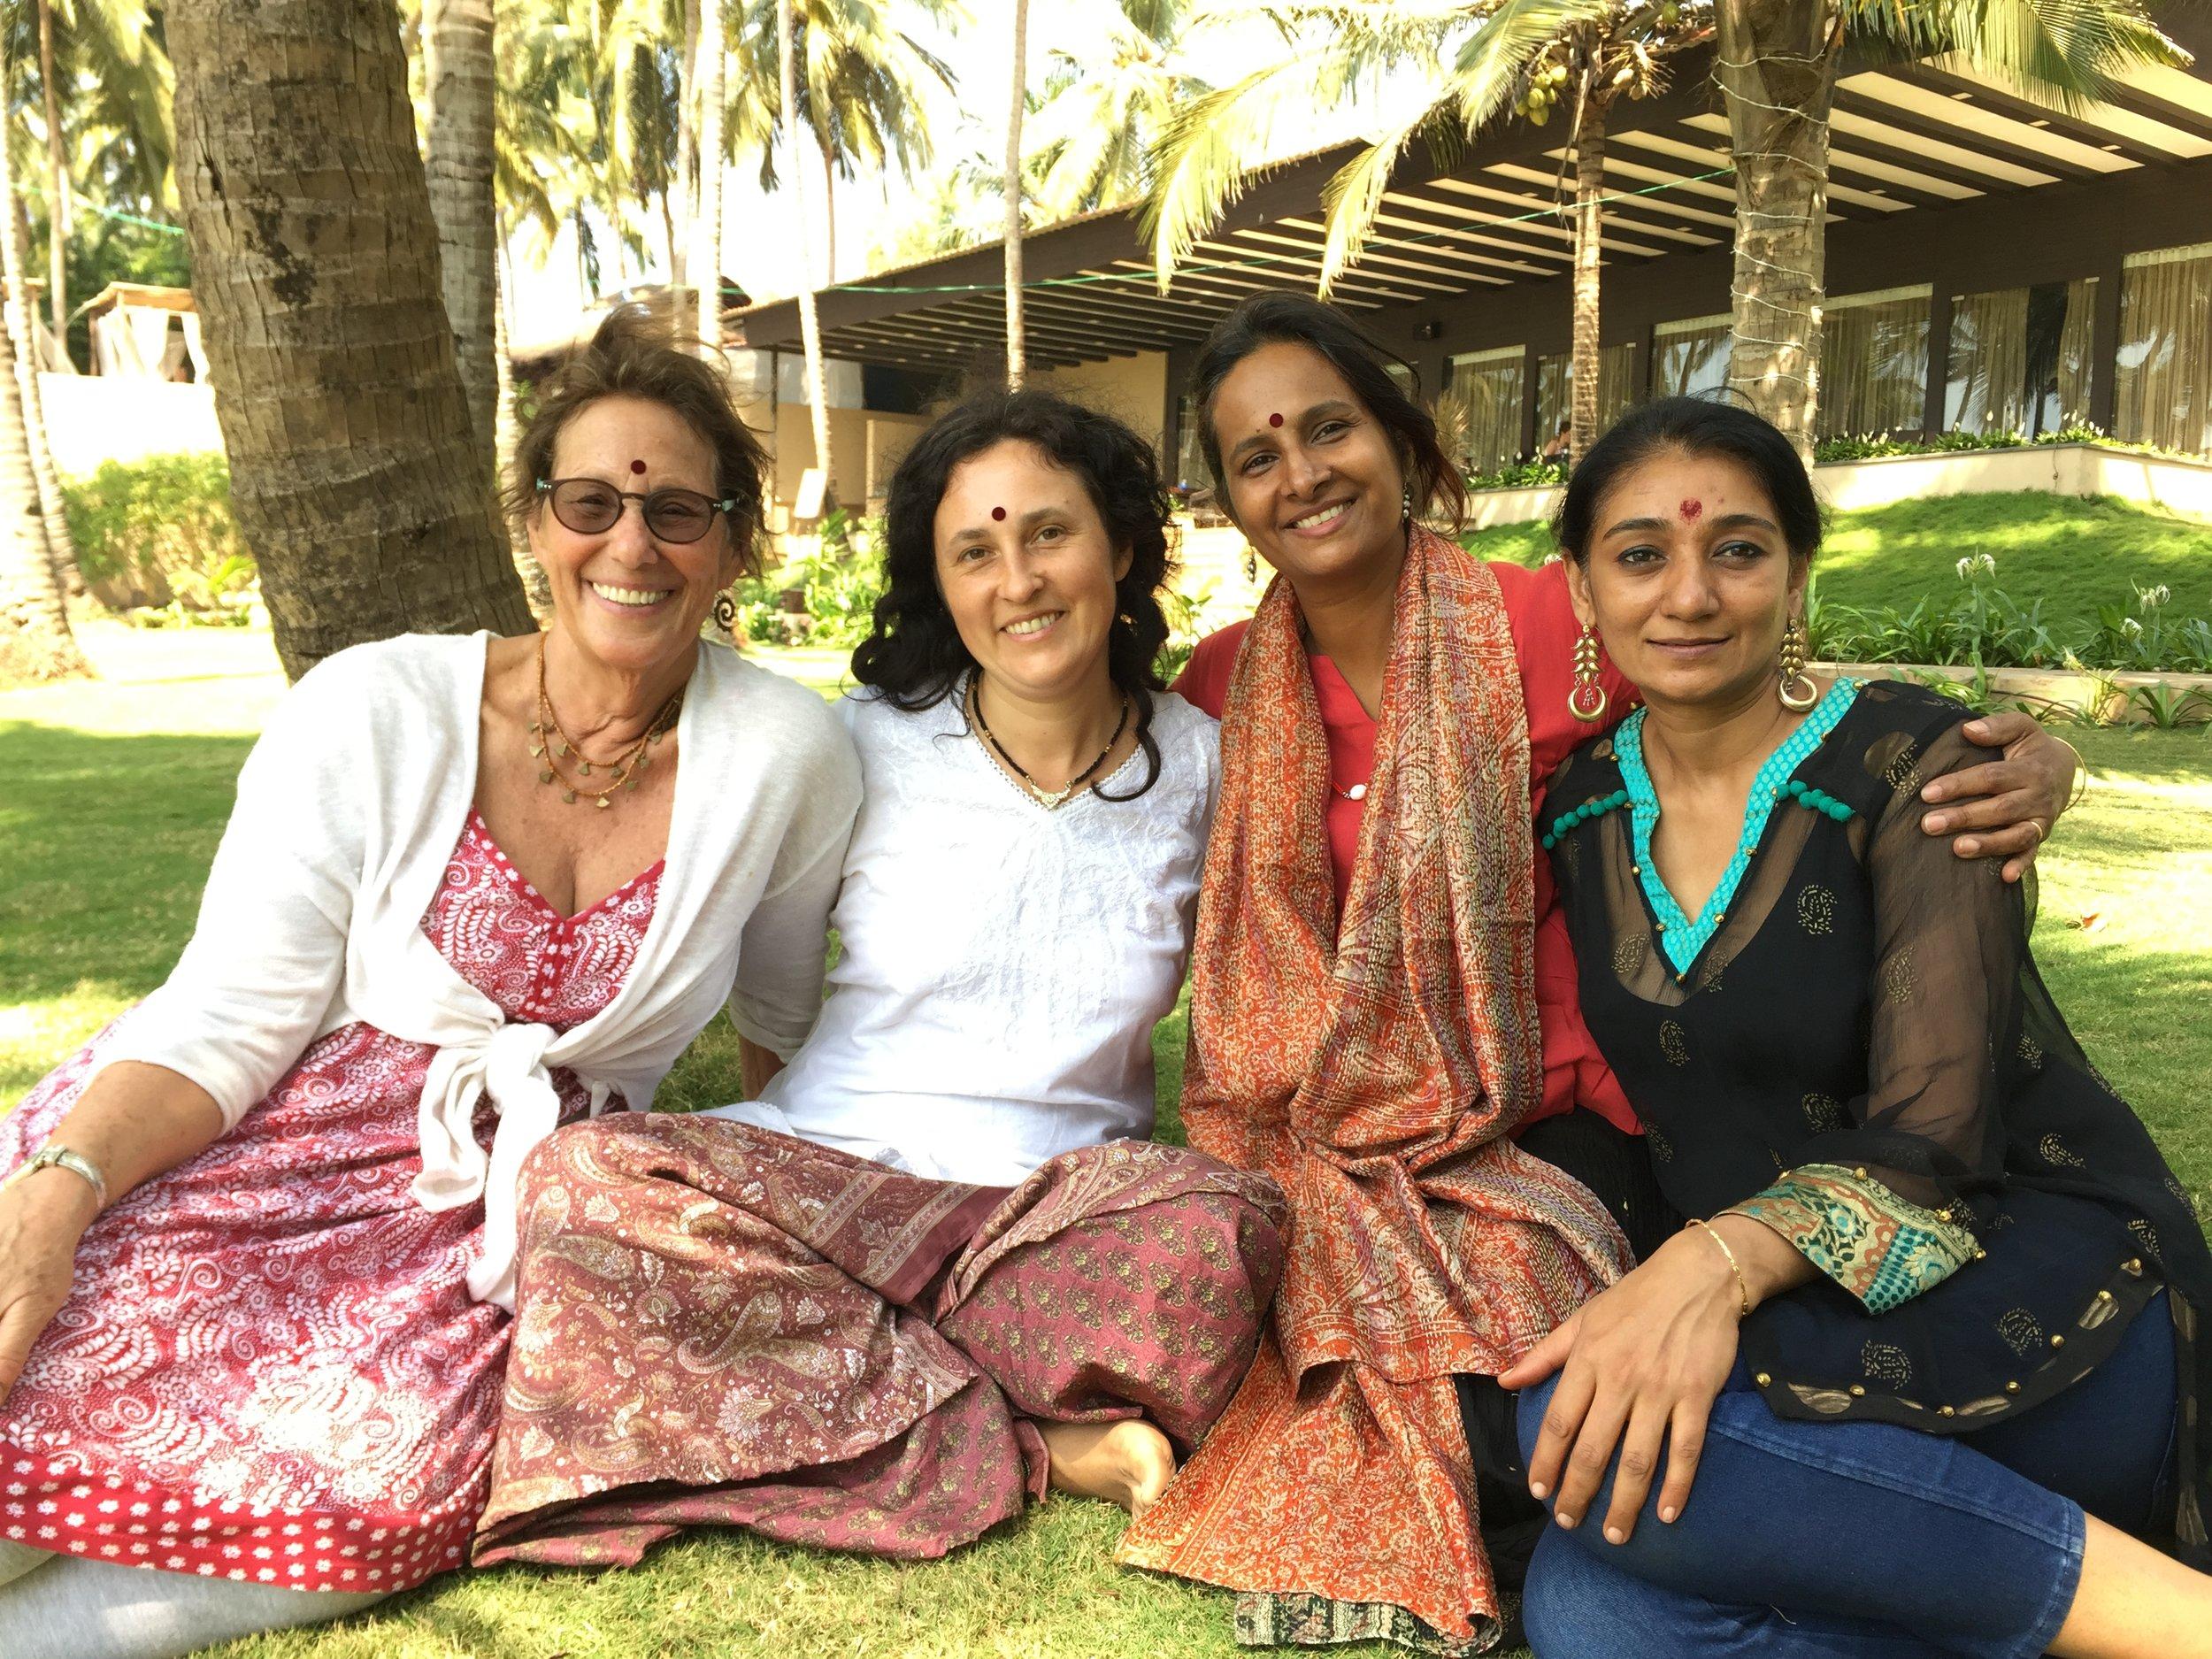 The Unfolding Lotus-2017  Goa, India